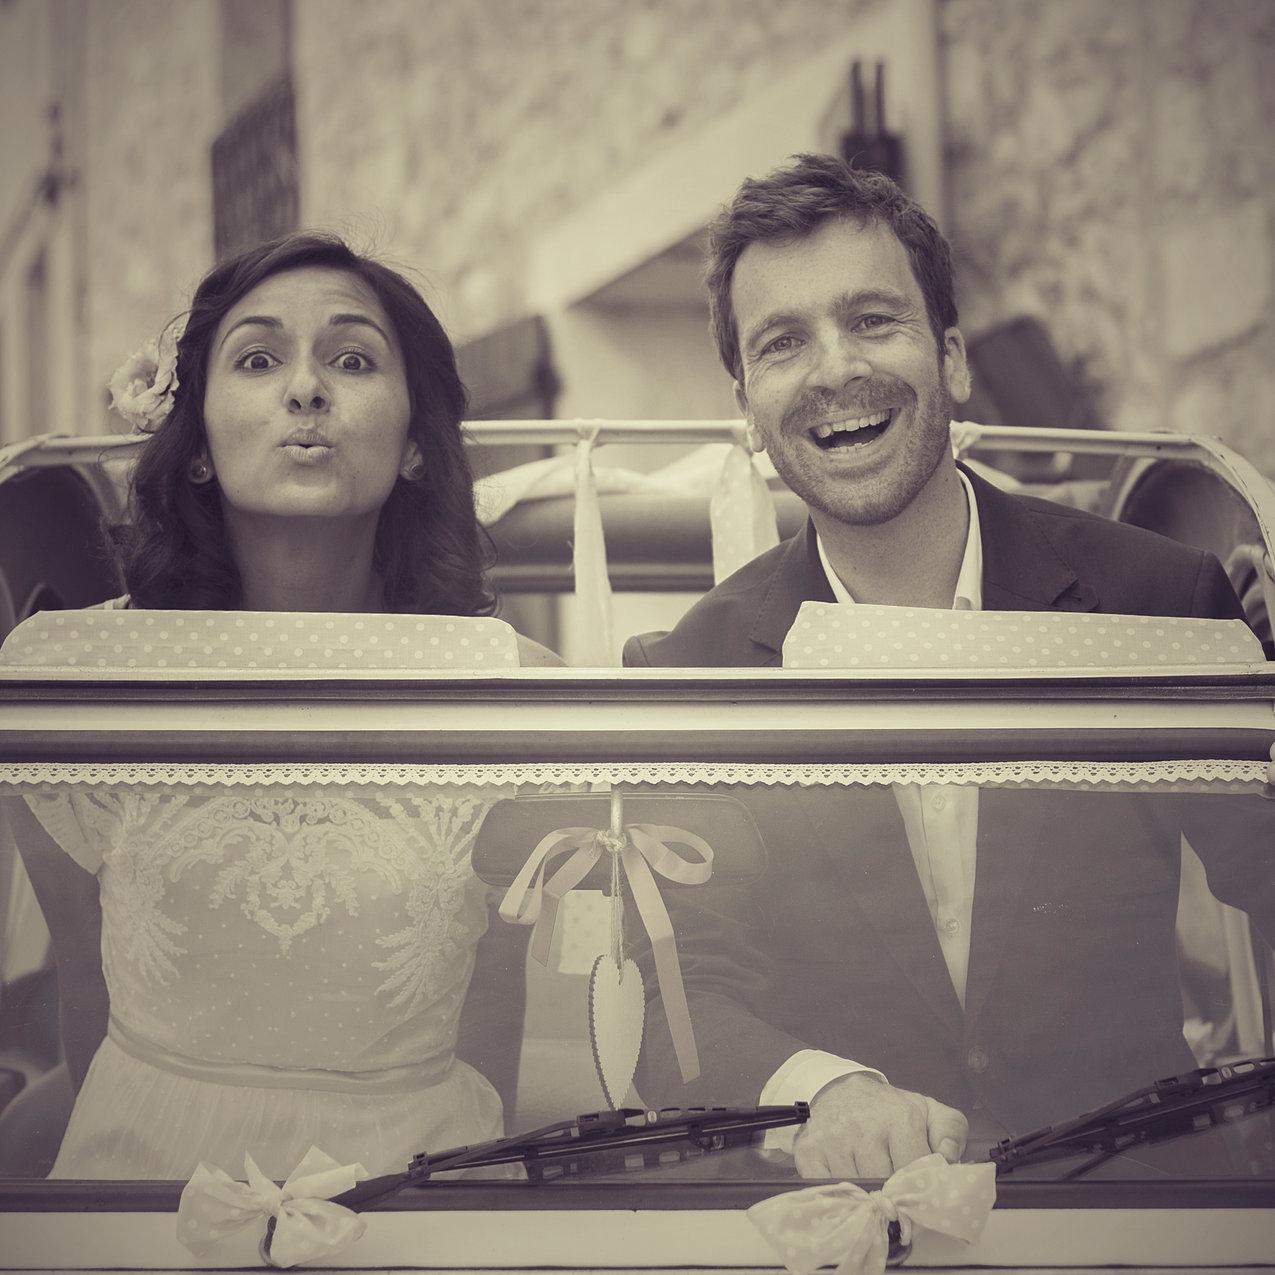 photographe et vidaste de mariage - Videaste Mariage Toulouse